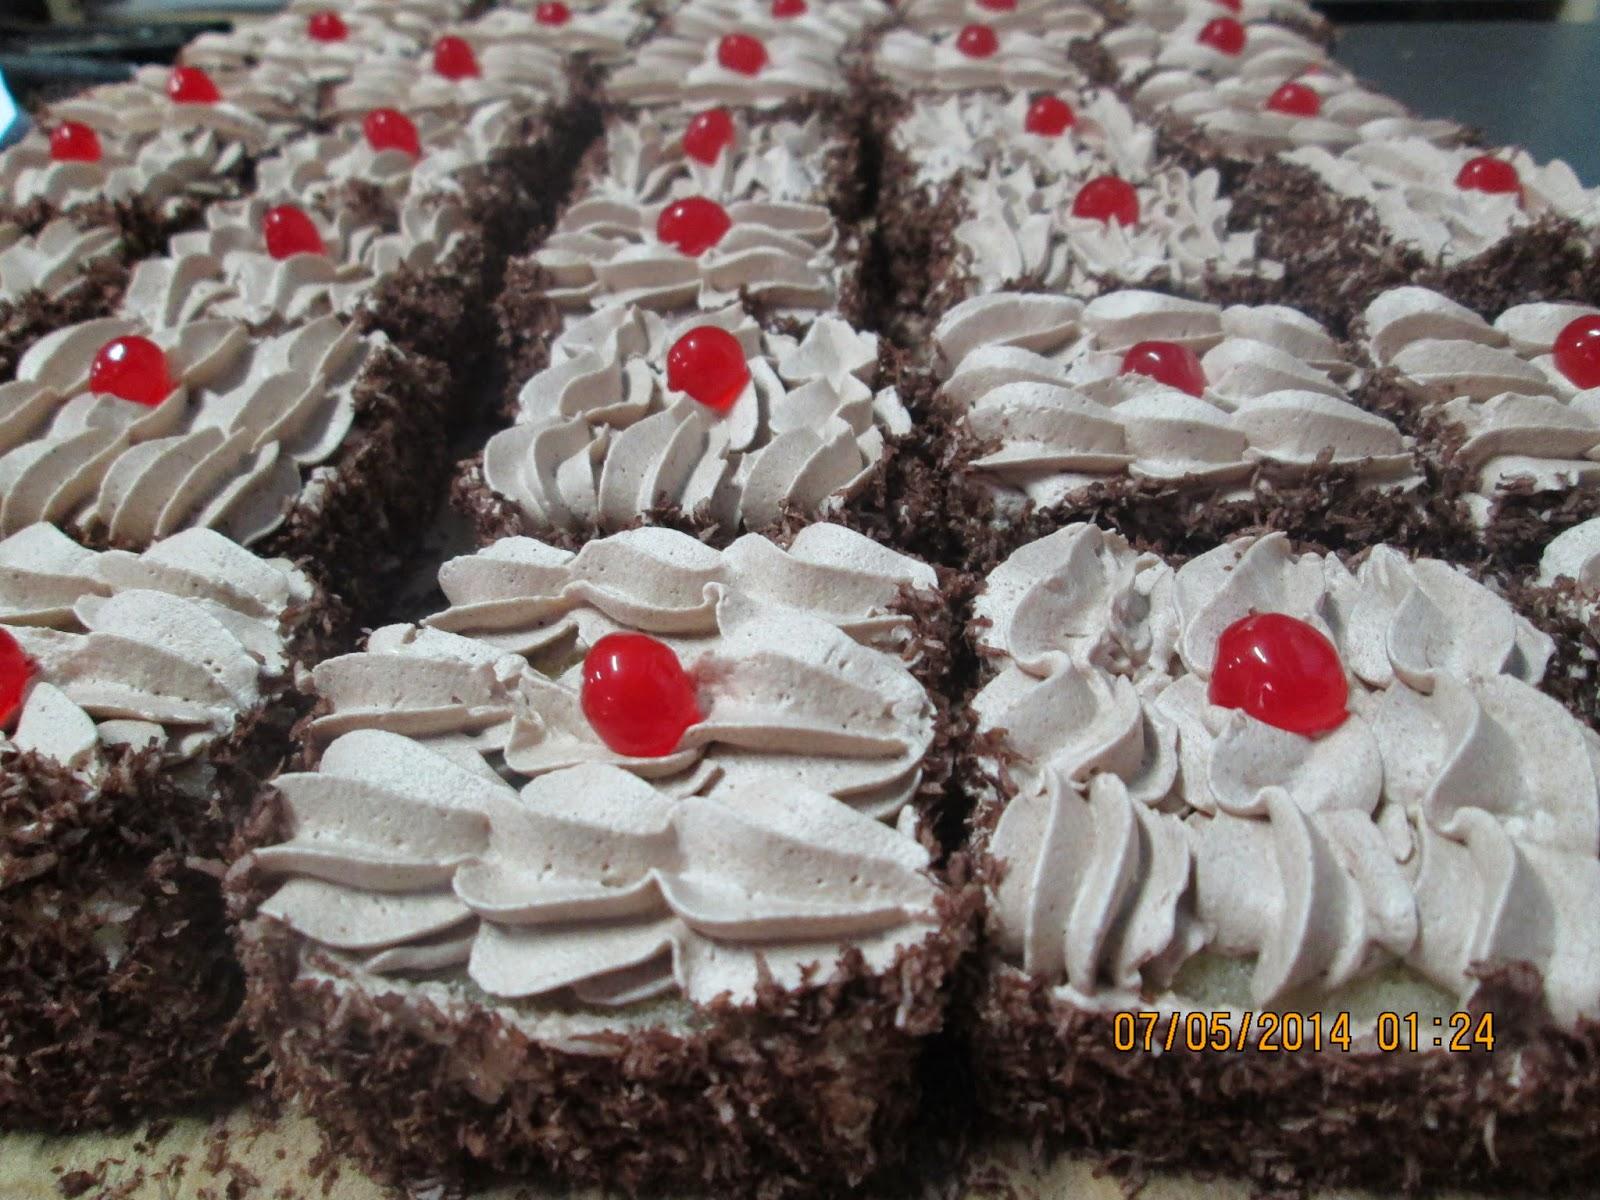 bañada en leche y cubierta de chocolate